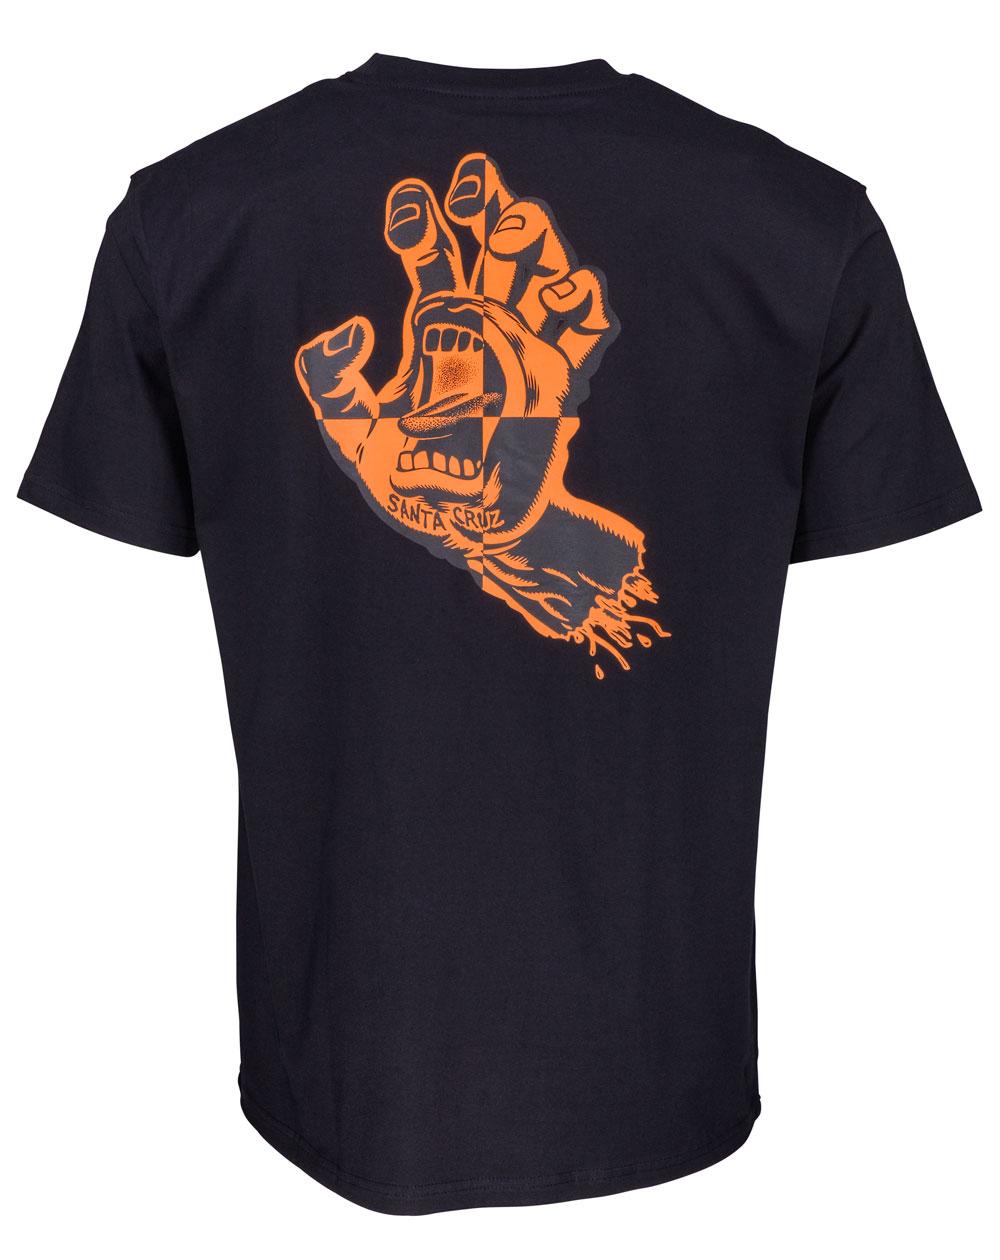 Santa Cruz Men's T-Shirt Crash Hand Black